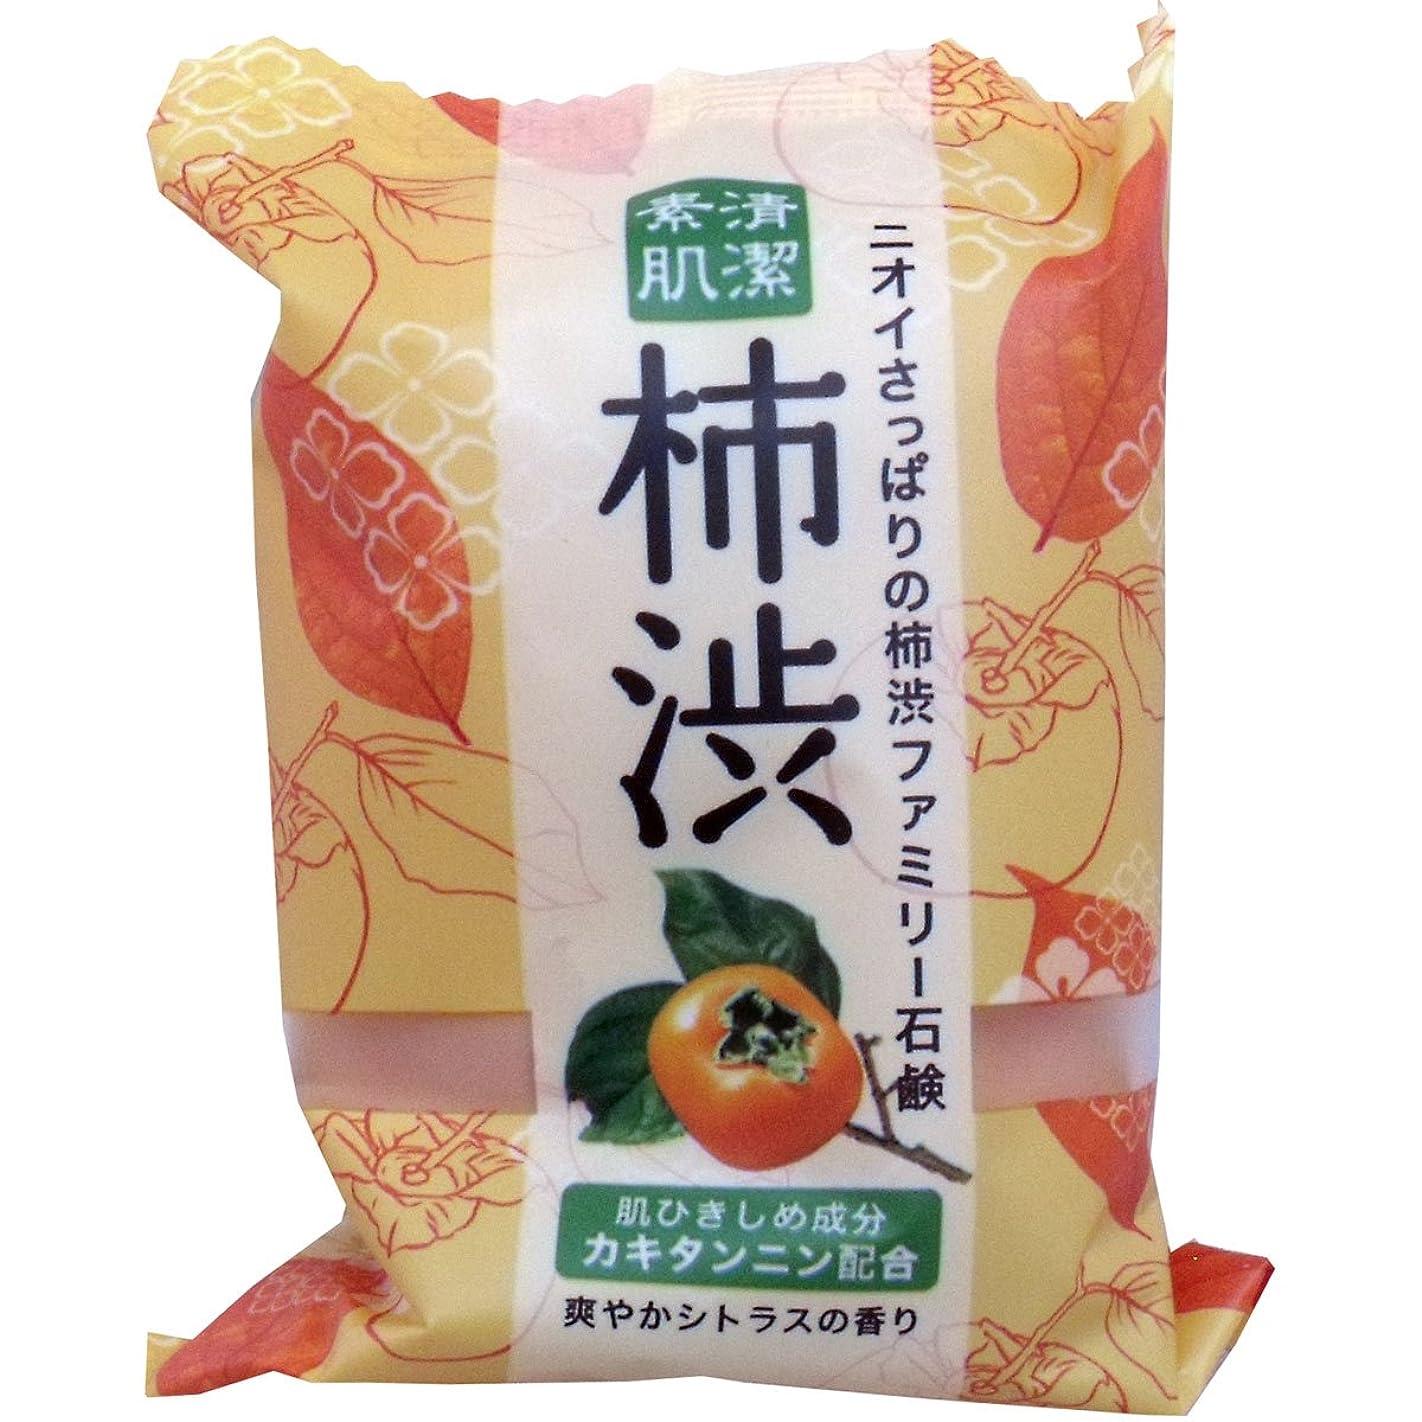 ギネス廃止クルーズペリカン石鹸 ファミリー柿渋石鹸(1個) ×2セット